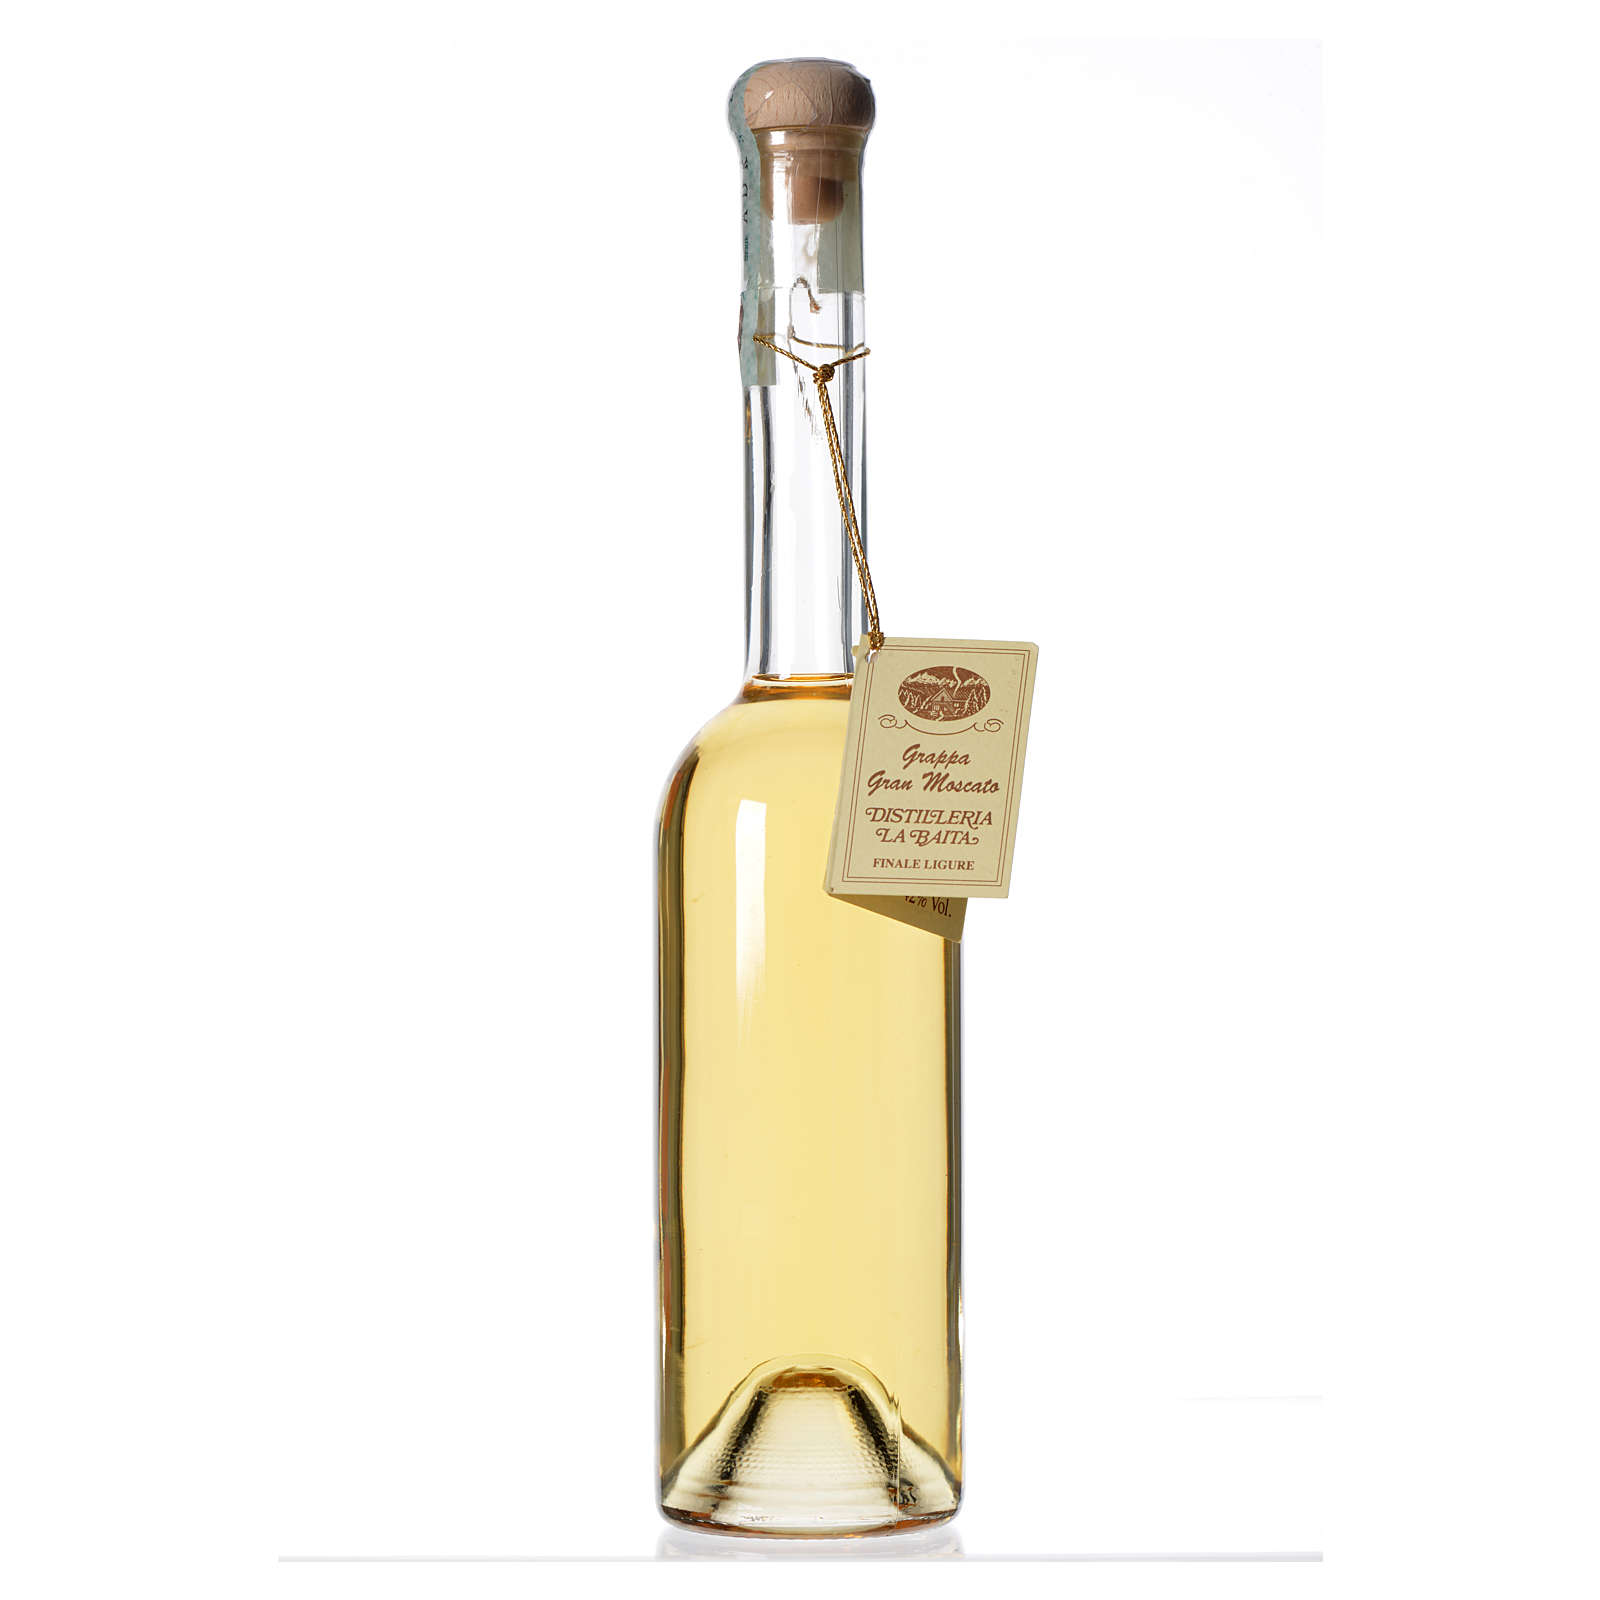 Grappa de Vin Gran Moscato Finalpia 500ml 3